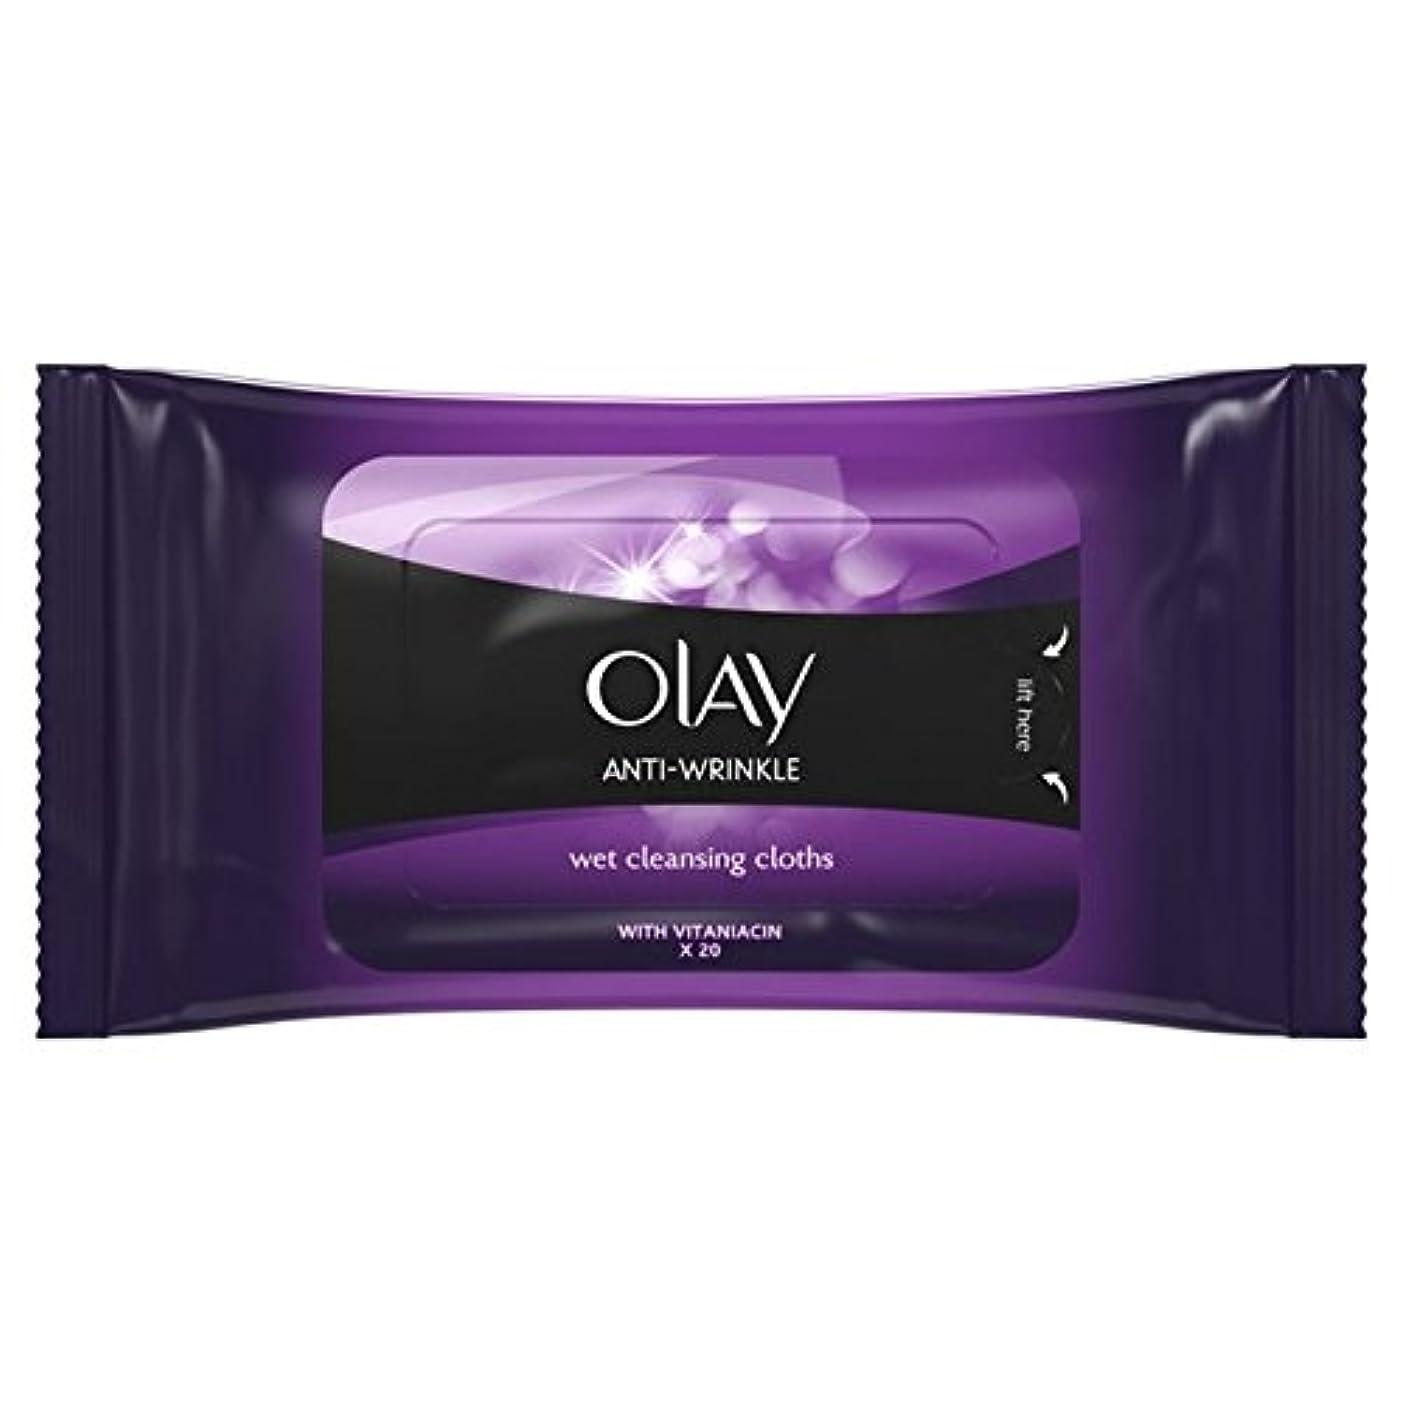 保険をかける吸うコンクリートパックごとに20ワイプ抗シワ事務所をオーレイ&湿ったクレンジングを持ち上げます x2 - Olay Anti Wrinkle Firm & Lift Wet Cleansing Wipes 20 per pack (Pack...